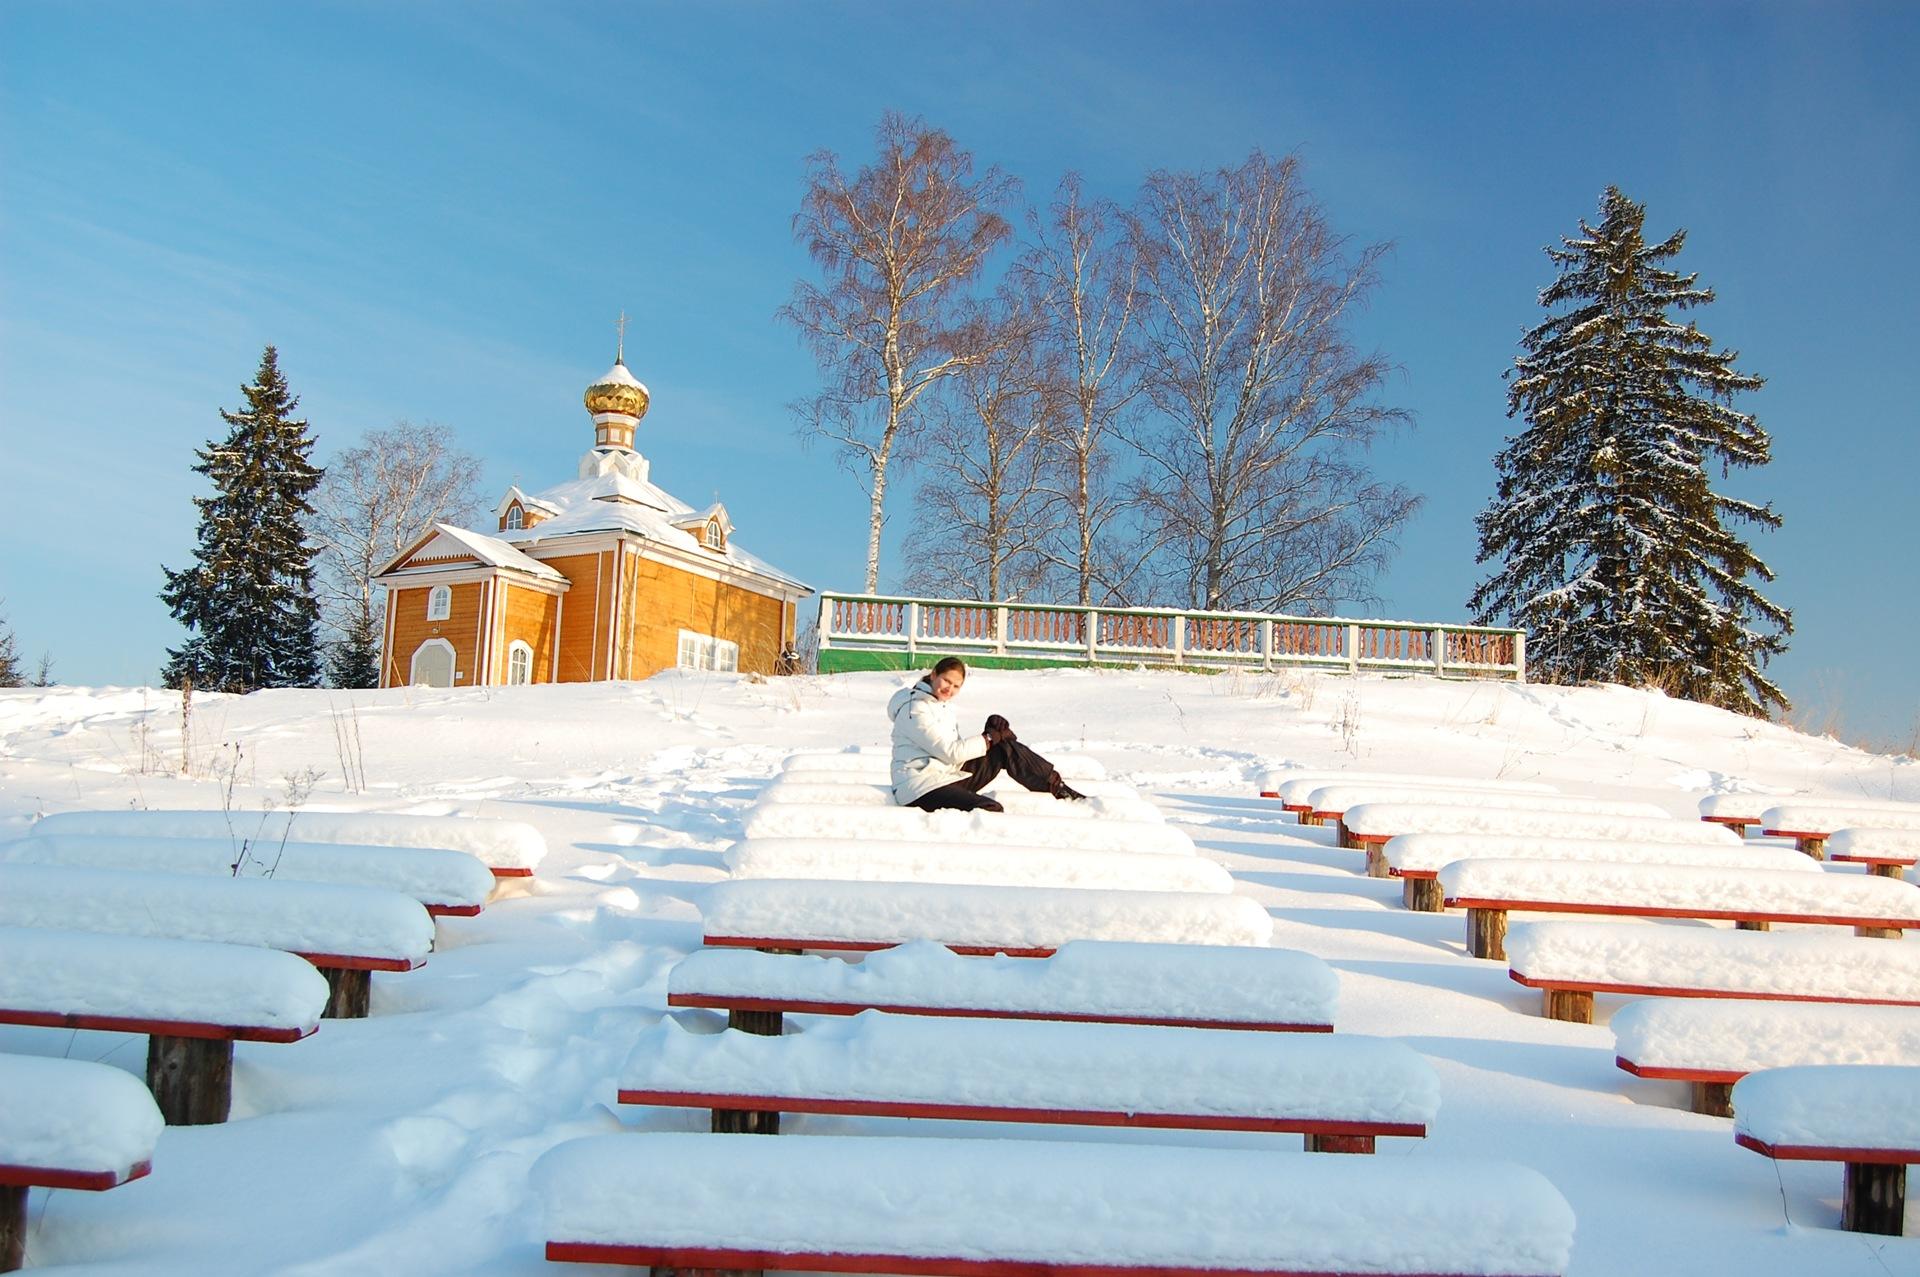 человечества селигер зима фото сладкая